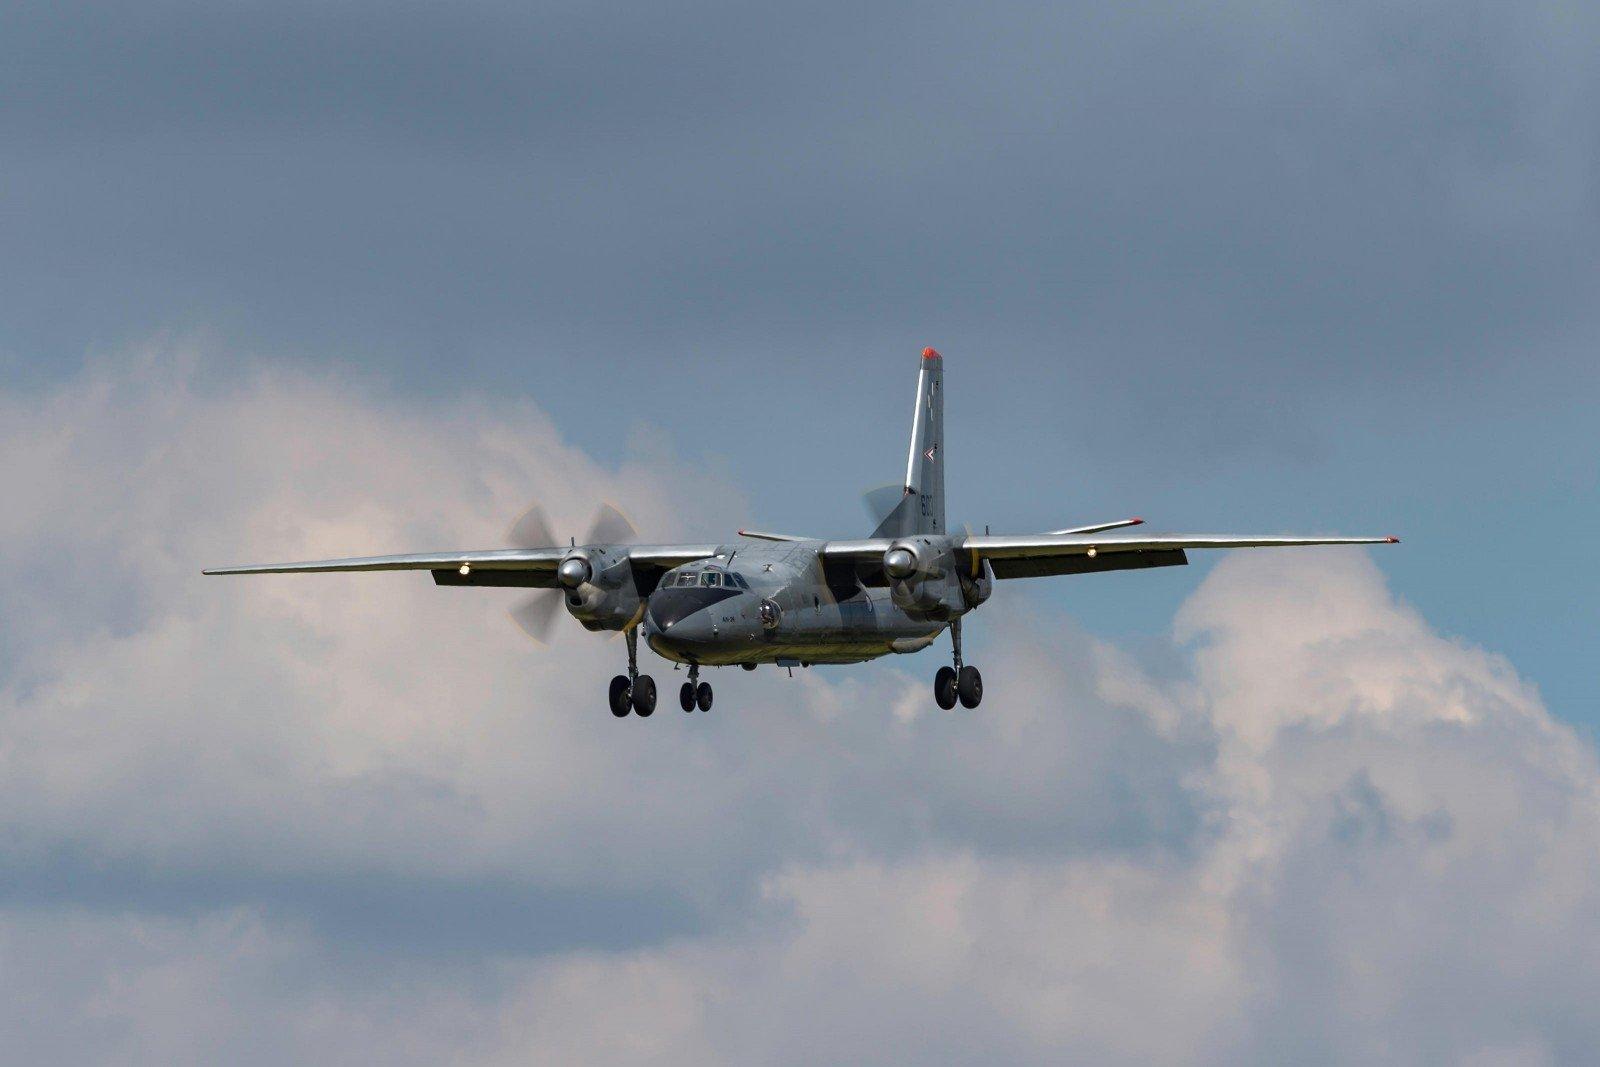 РосСМИ узнали вероятную причину крушения Ан-26 вСирии